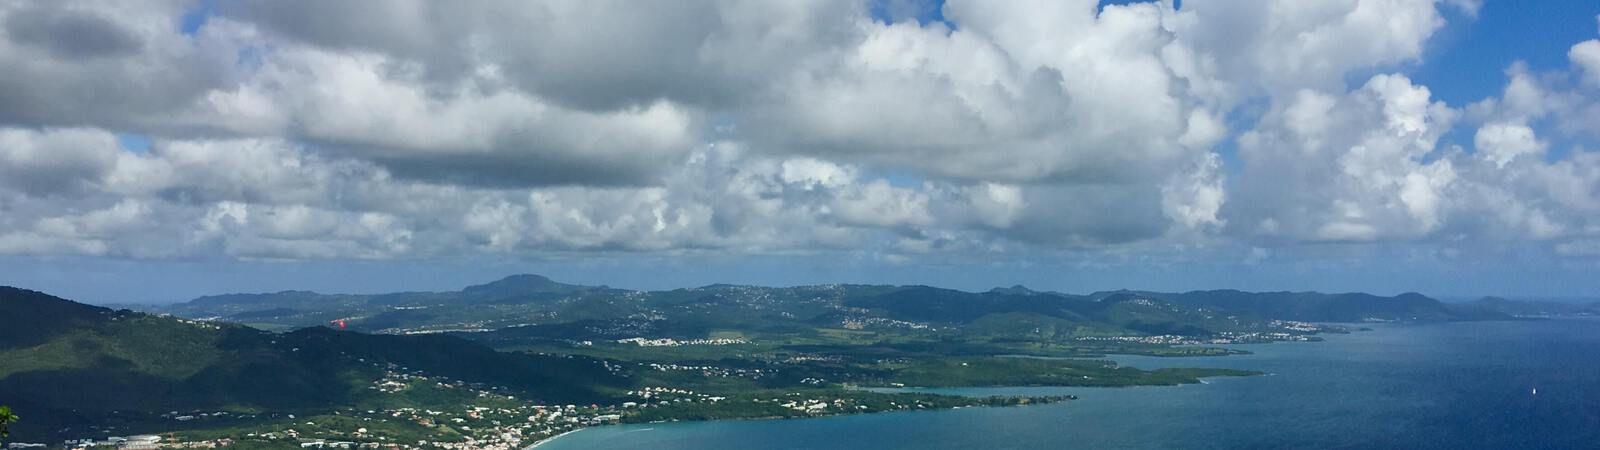 Meteo Martinique